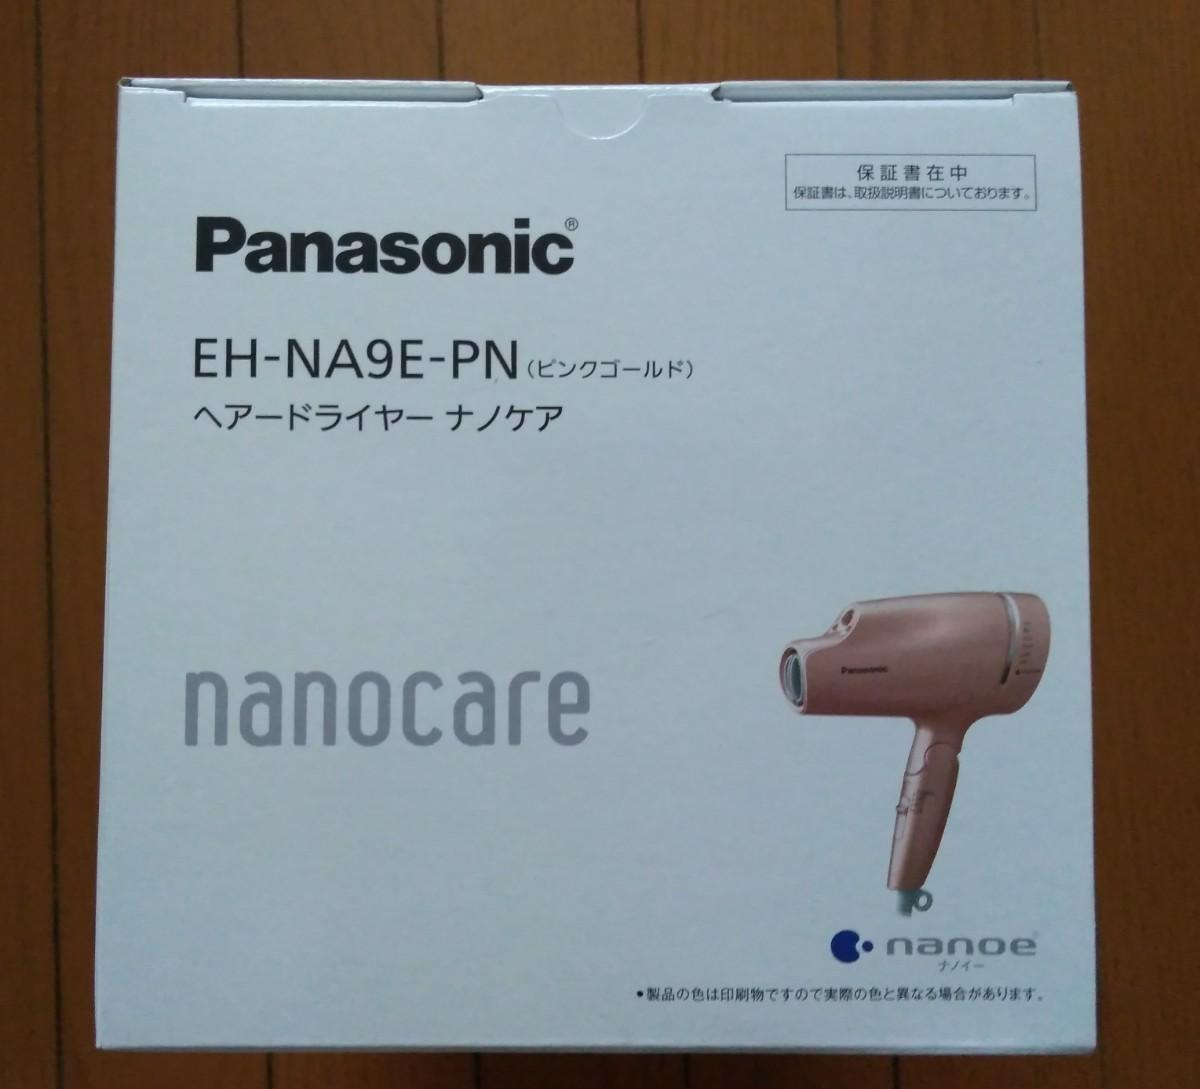 パナソニック ヘアードライヤー ナノケア EH-NA9E-PN ピンクゴールド